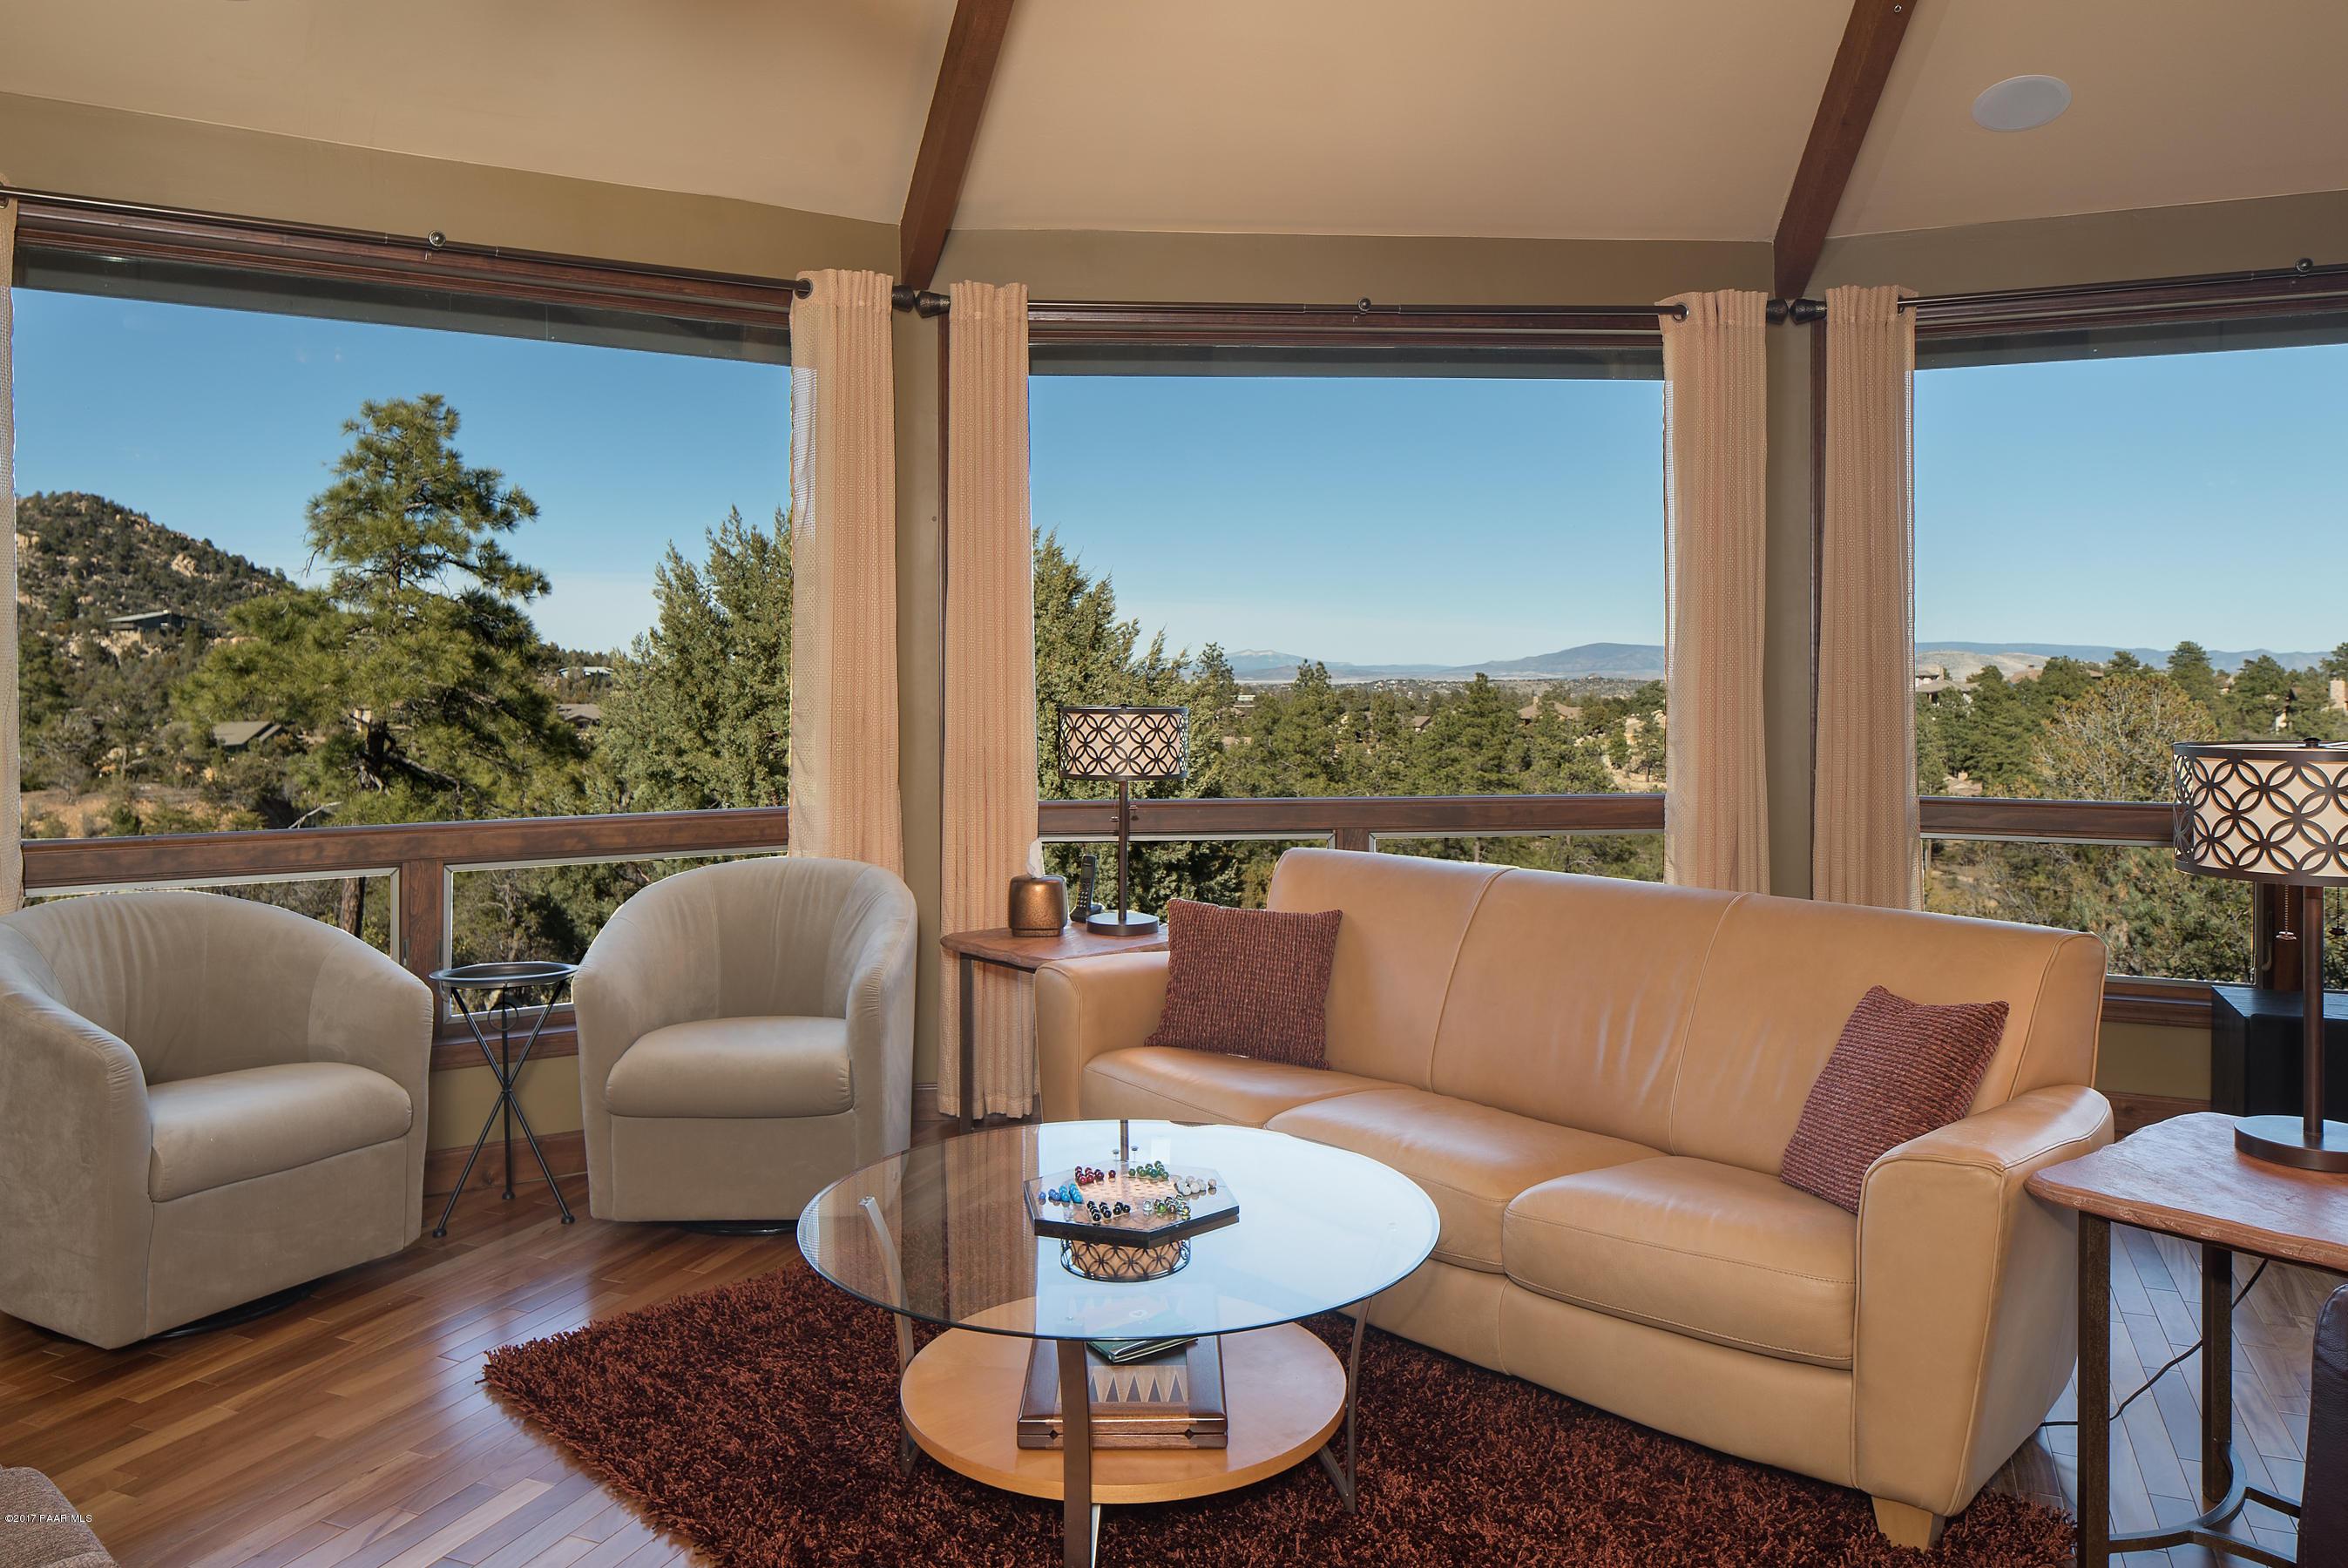 805 Mavrick Mountain Trail Prescott, AZ 86303 - MLS #: 1012495